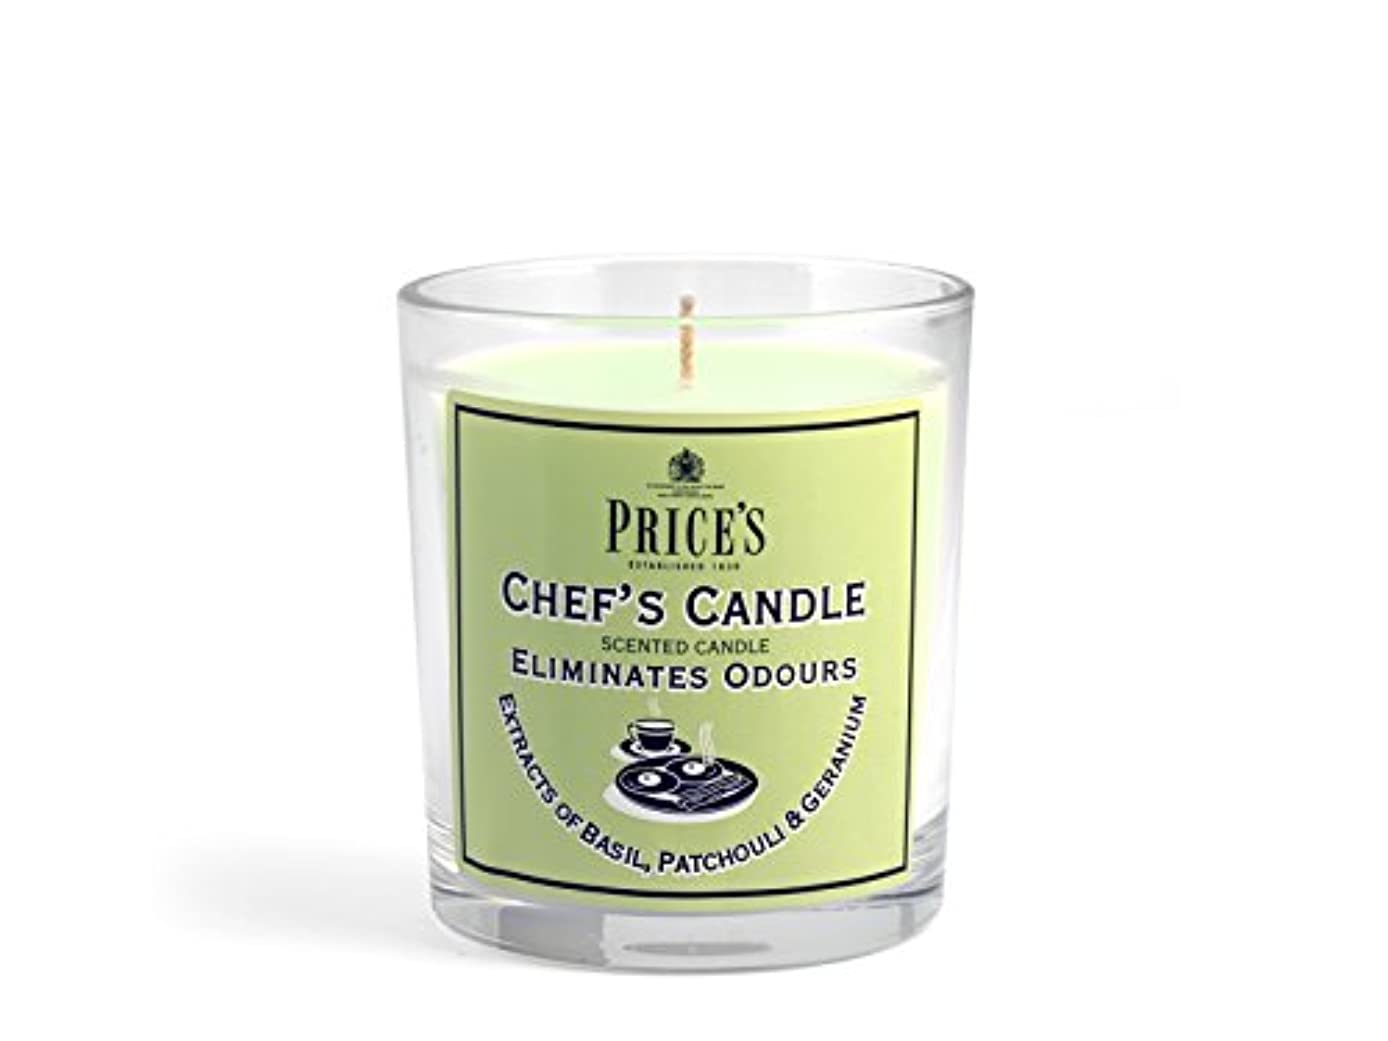 愛情常習者脅かすPrice′s(プライシズ) Fresh Air CANDLE TIN Jar type (フレッシュエアー キャンドル ジャータイプ) CHEF'S(シェフズ)